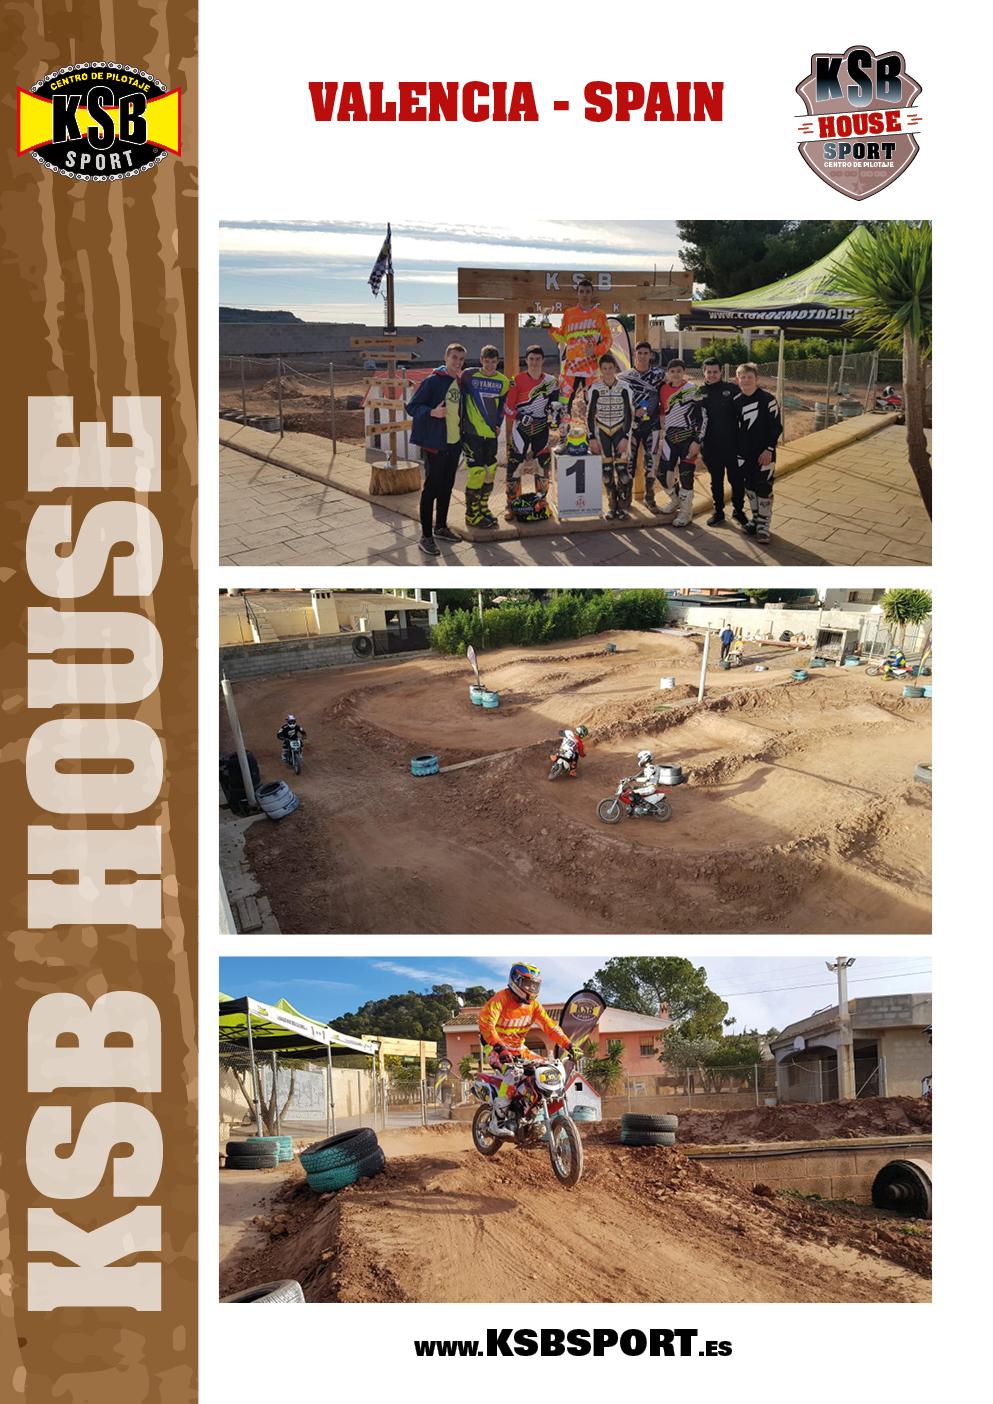 ksb_house_dossier7